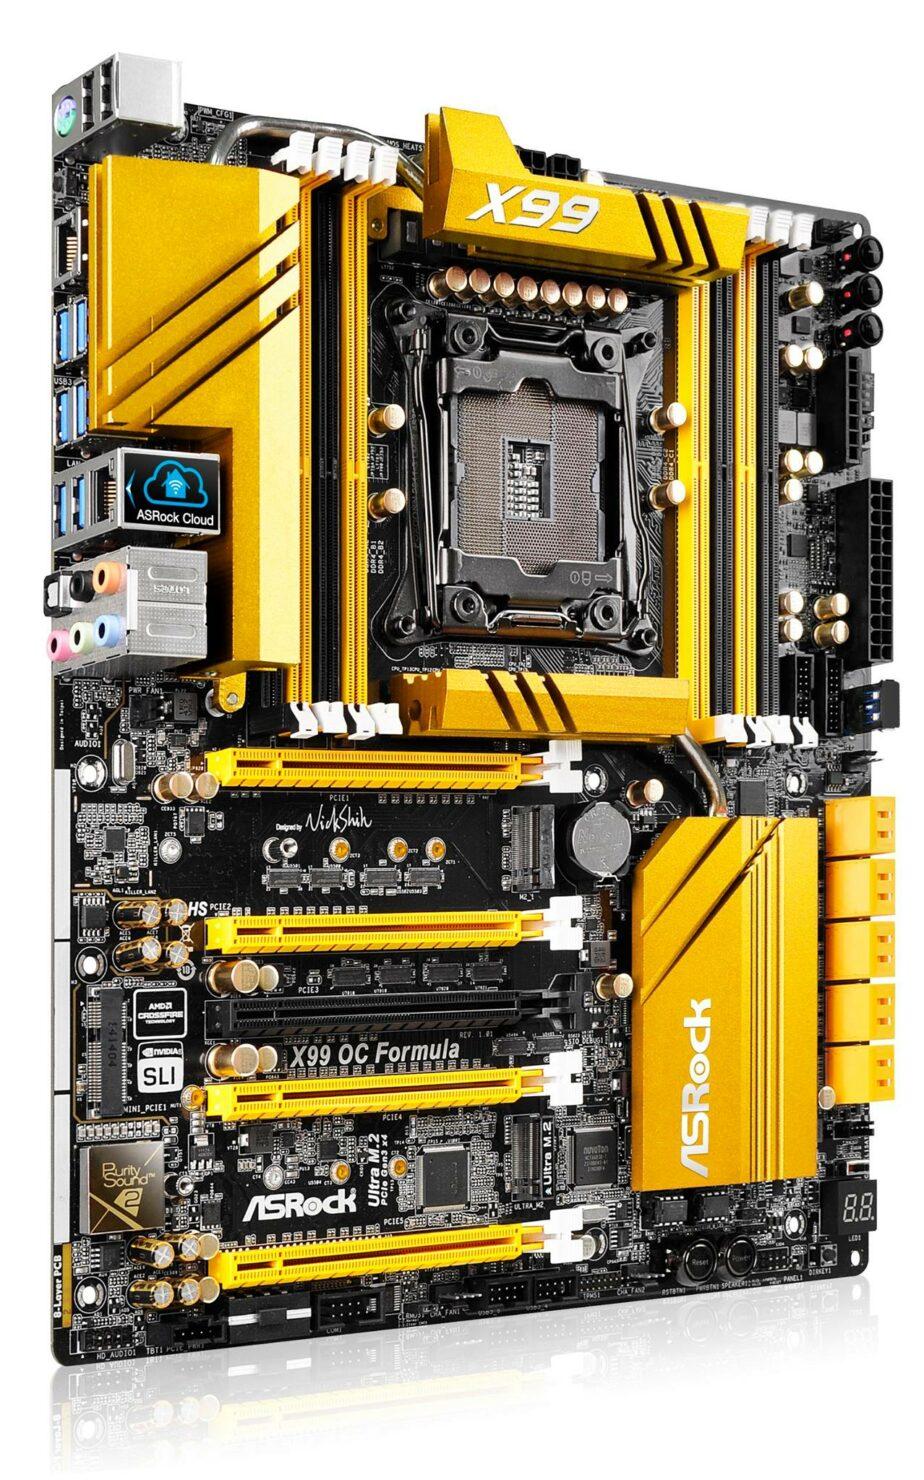 asrock-x99-oc-formula-motherboard_2